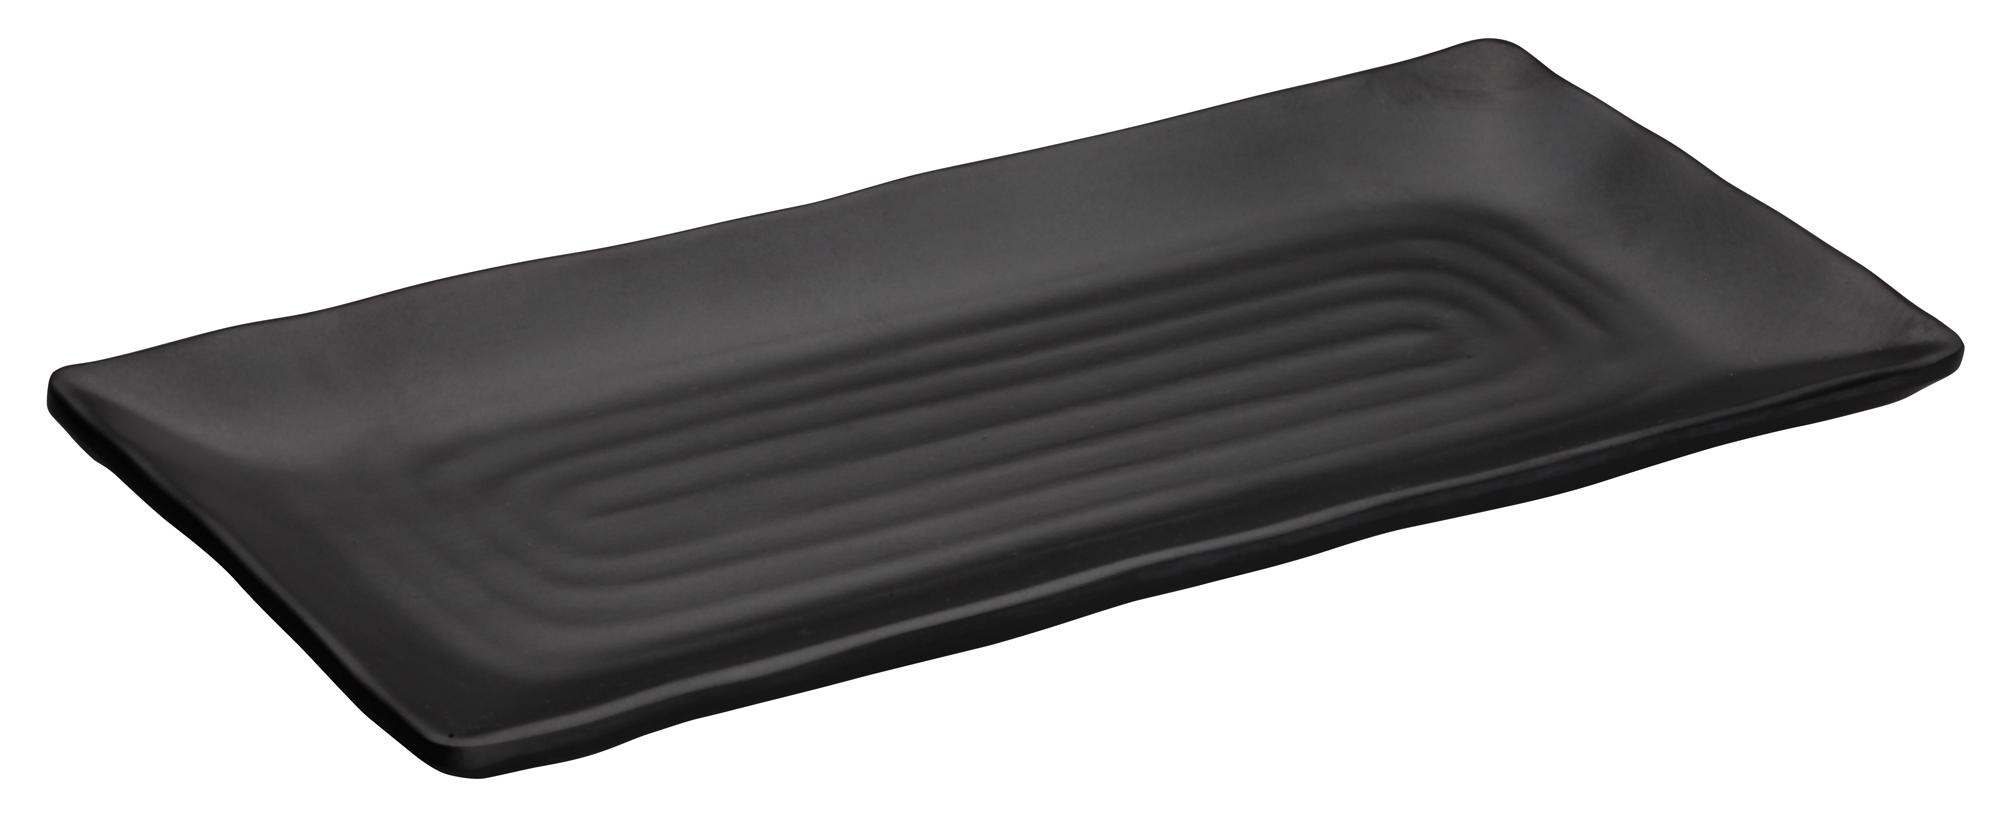 Winco WDM016-302 plate, plastic